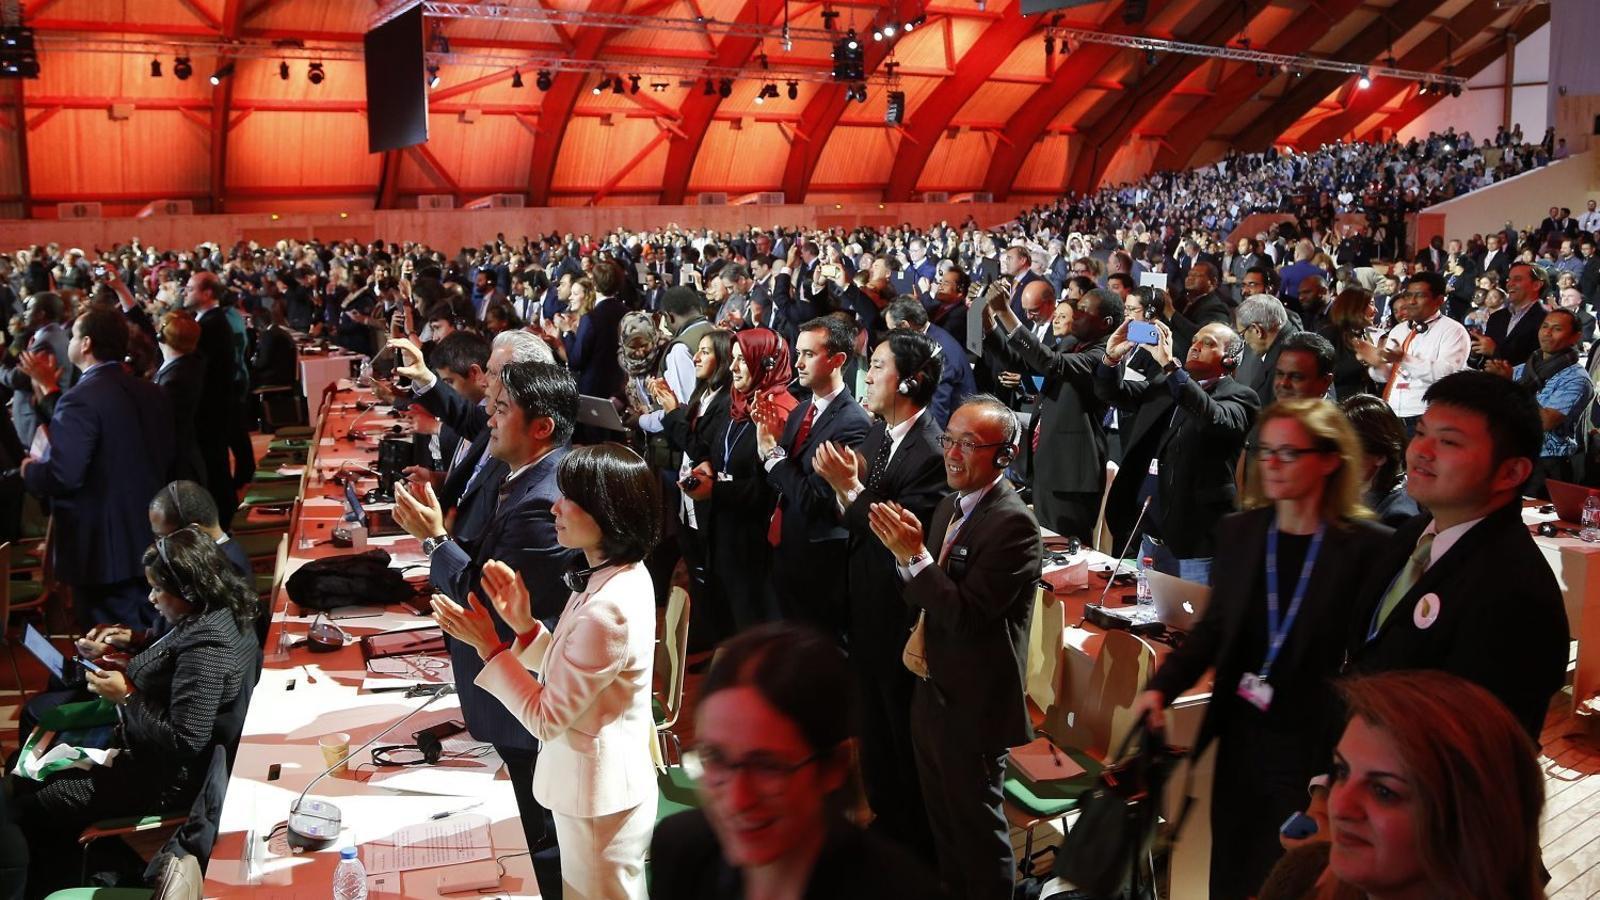 Els assistents a la Cimera de París van celebrar de manera efusiva que finalment s'aconseguís arribar a un acord per lluitar contra el canvi climàtic.